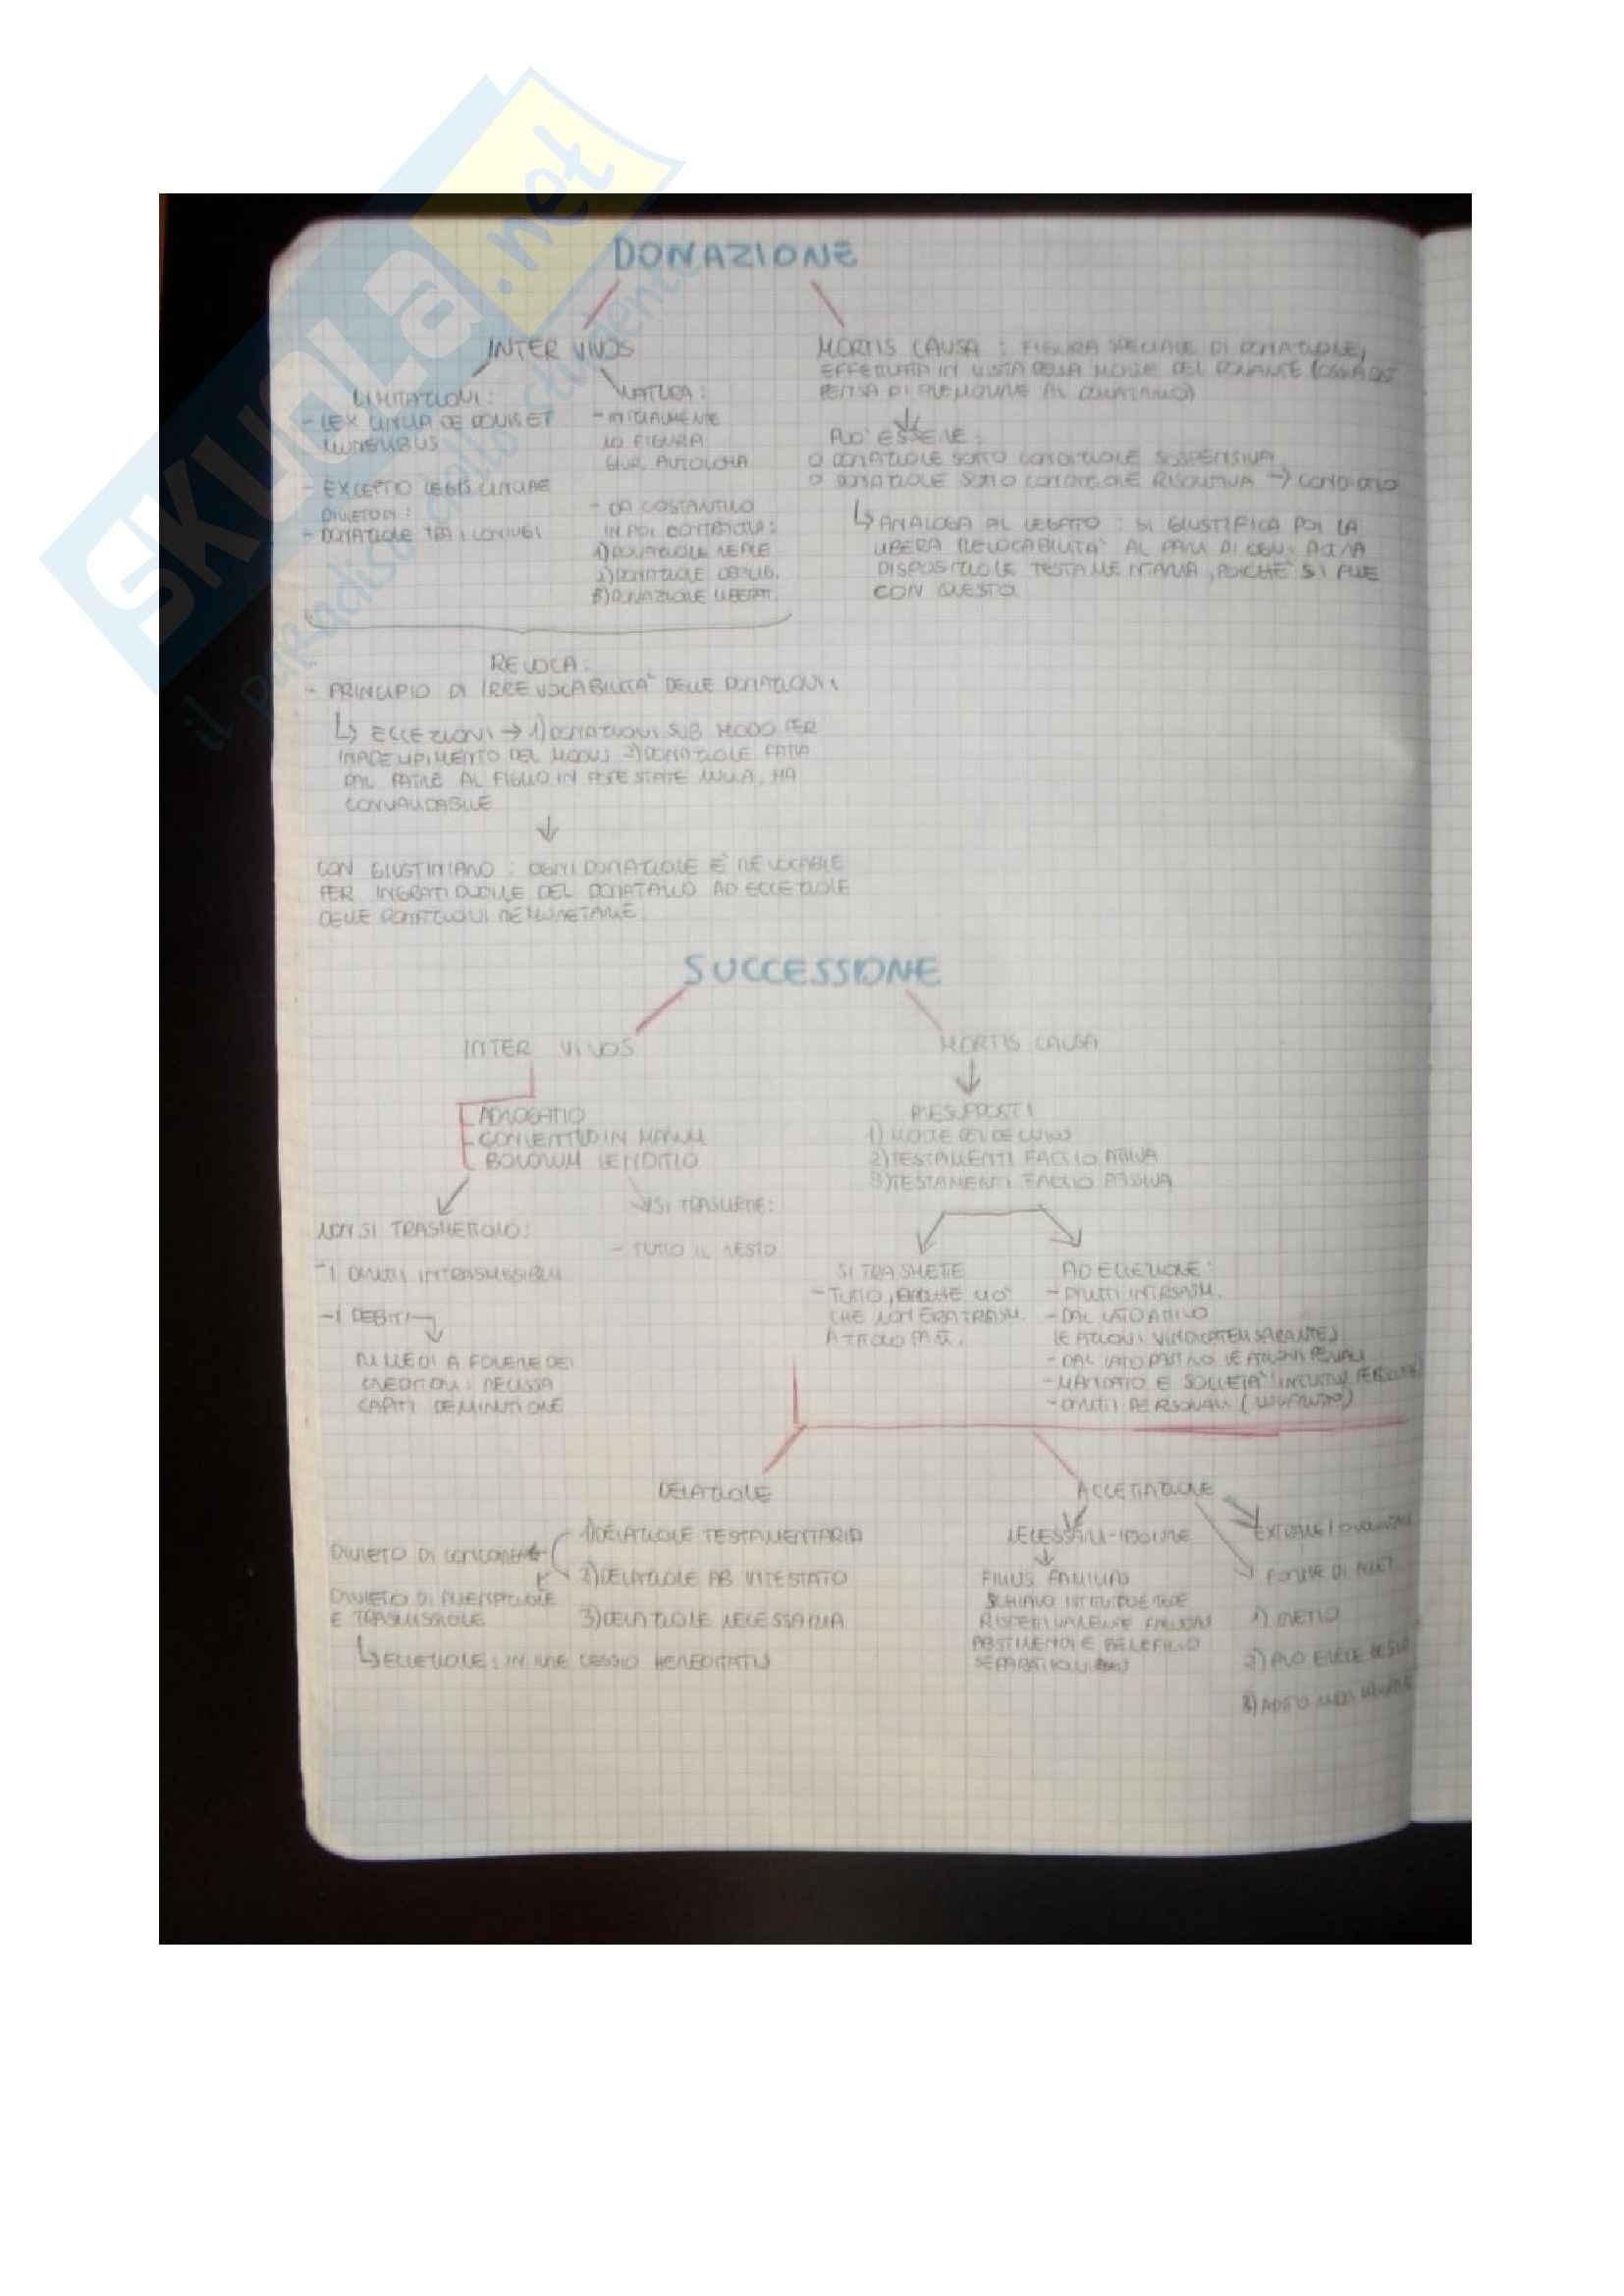 Diritto romano - la mappa concettuale della donazione e della successione